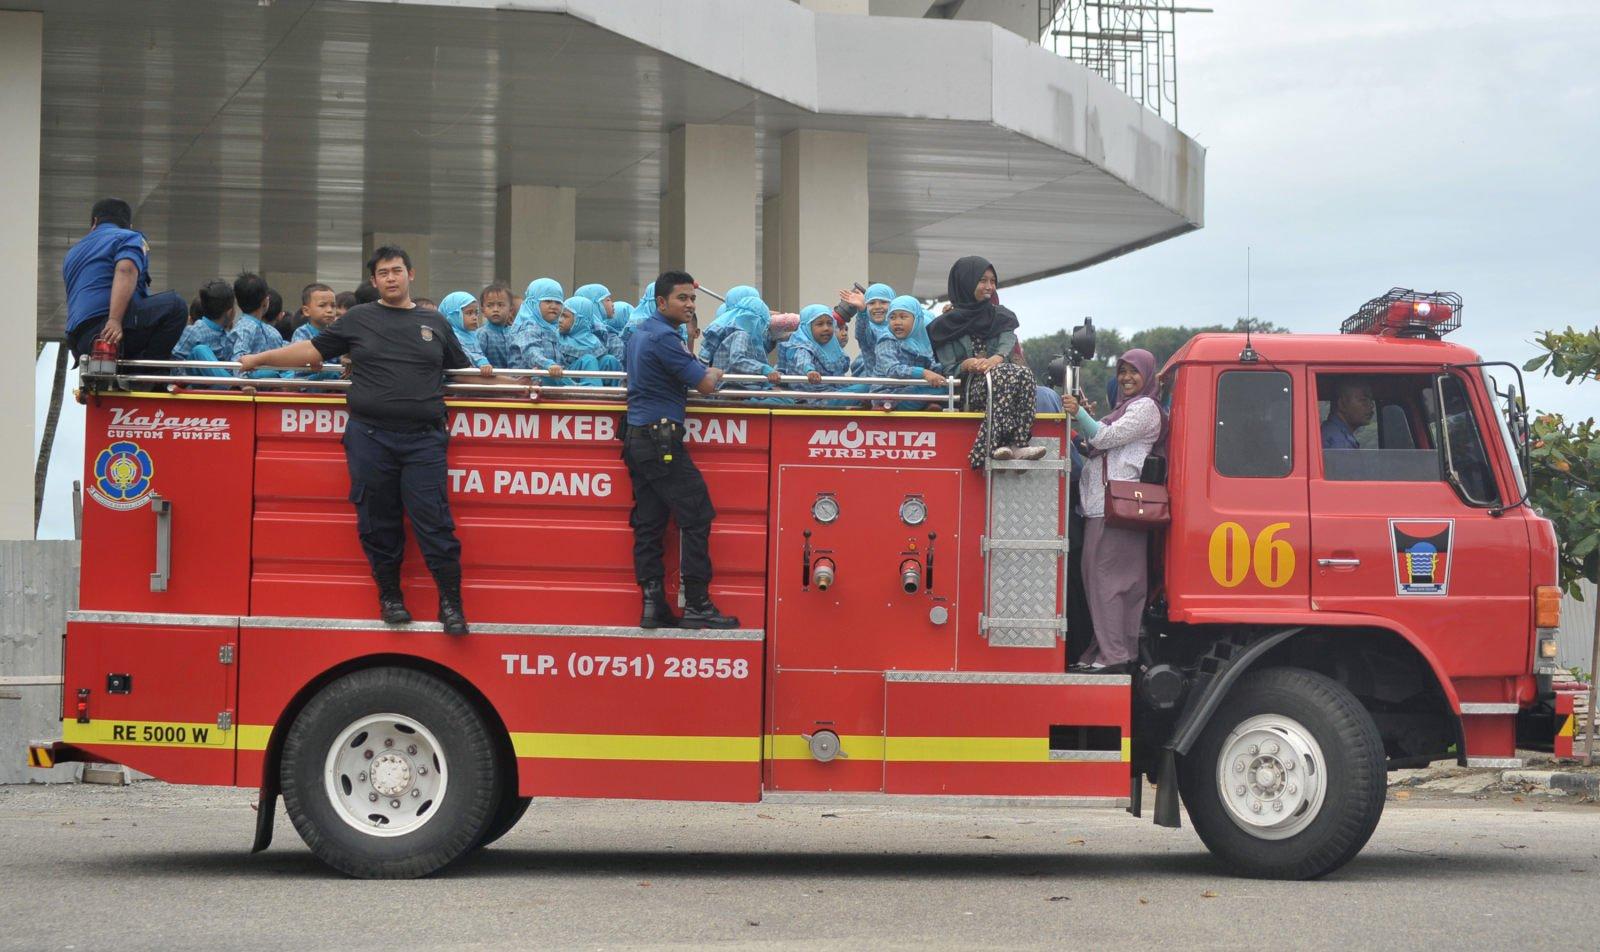 Dinas Pemadam Kebakaran Memodifikasi Mobil Jadi Tempat Wudhu